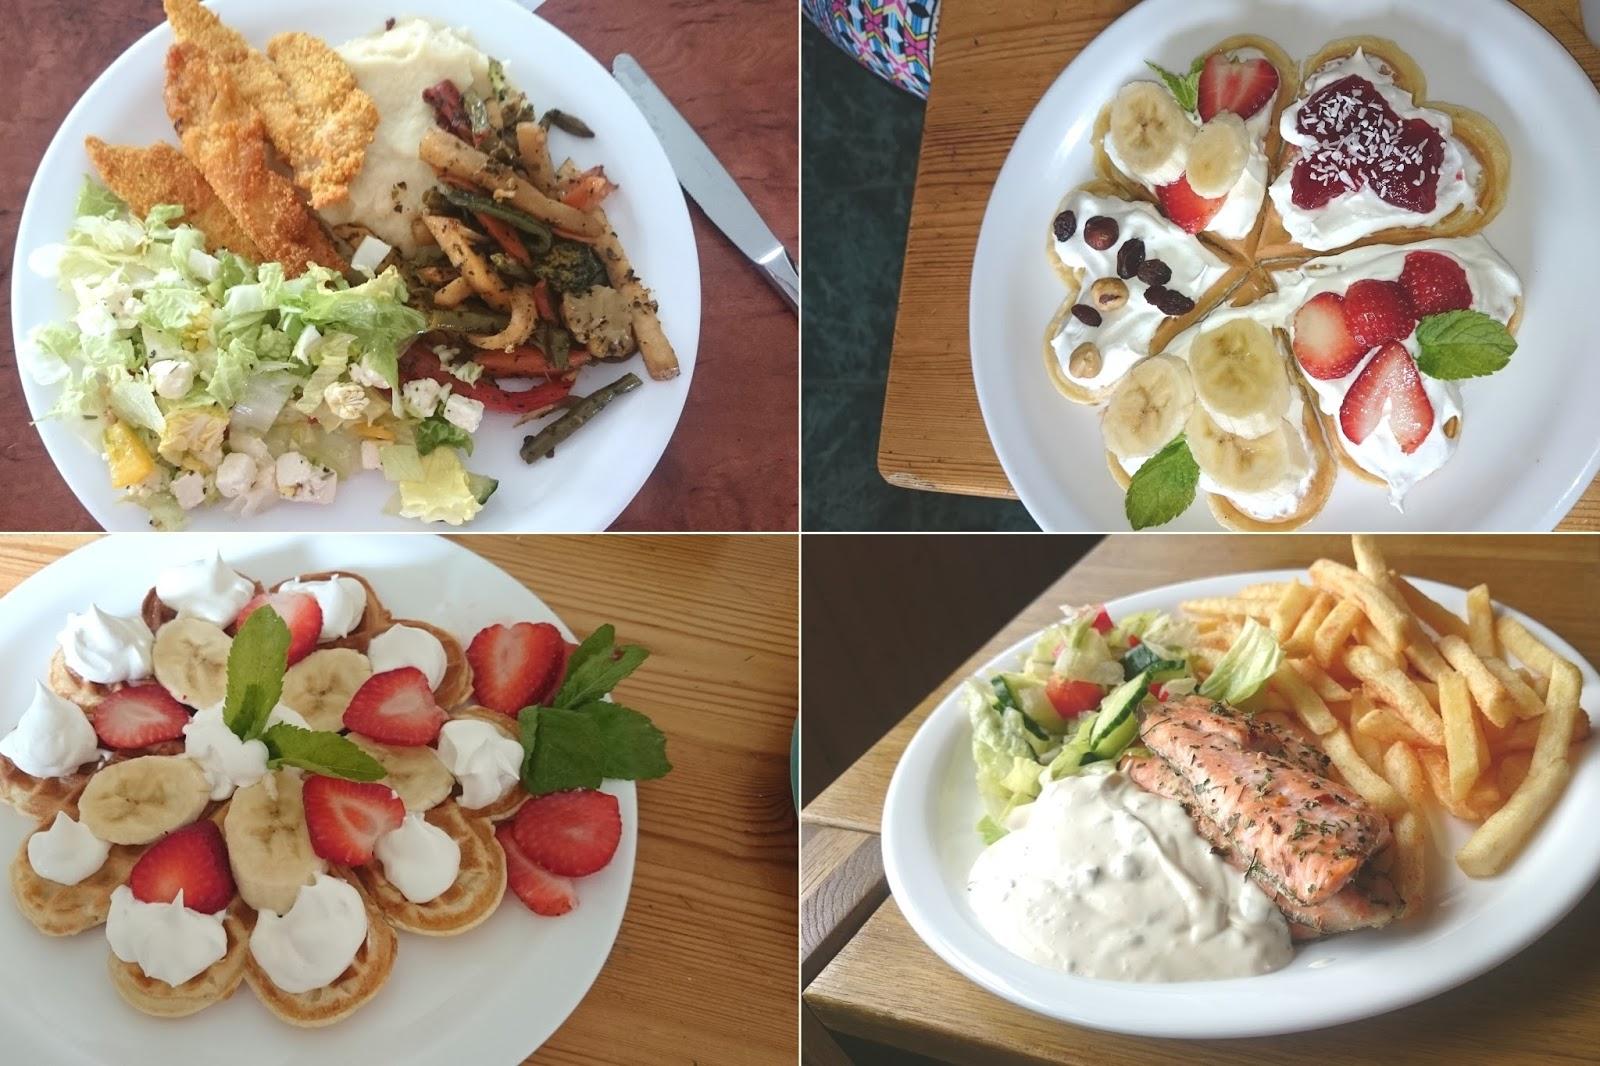 jedzenie, islandzkie jedzenie, islandzkie jedzenie polskich pracowników, jak się pracuje w Islandii, życie w Islandii, praca w Islandii